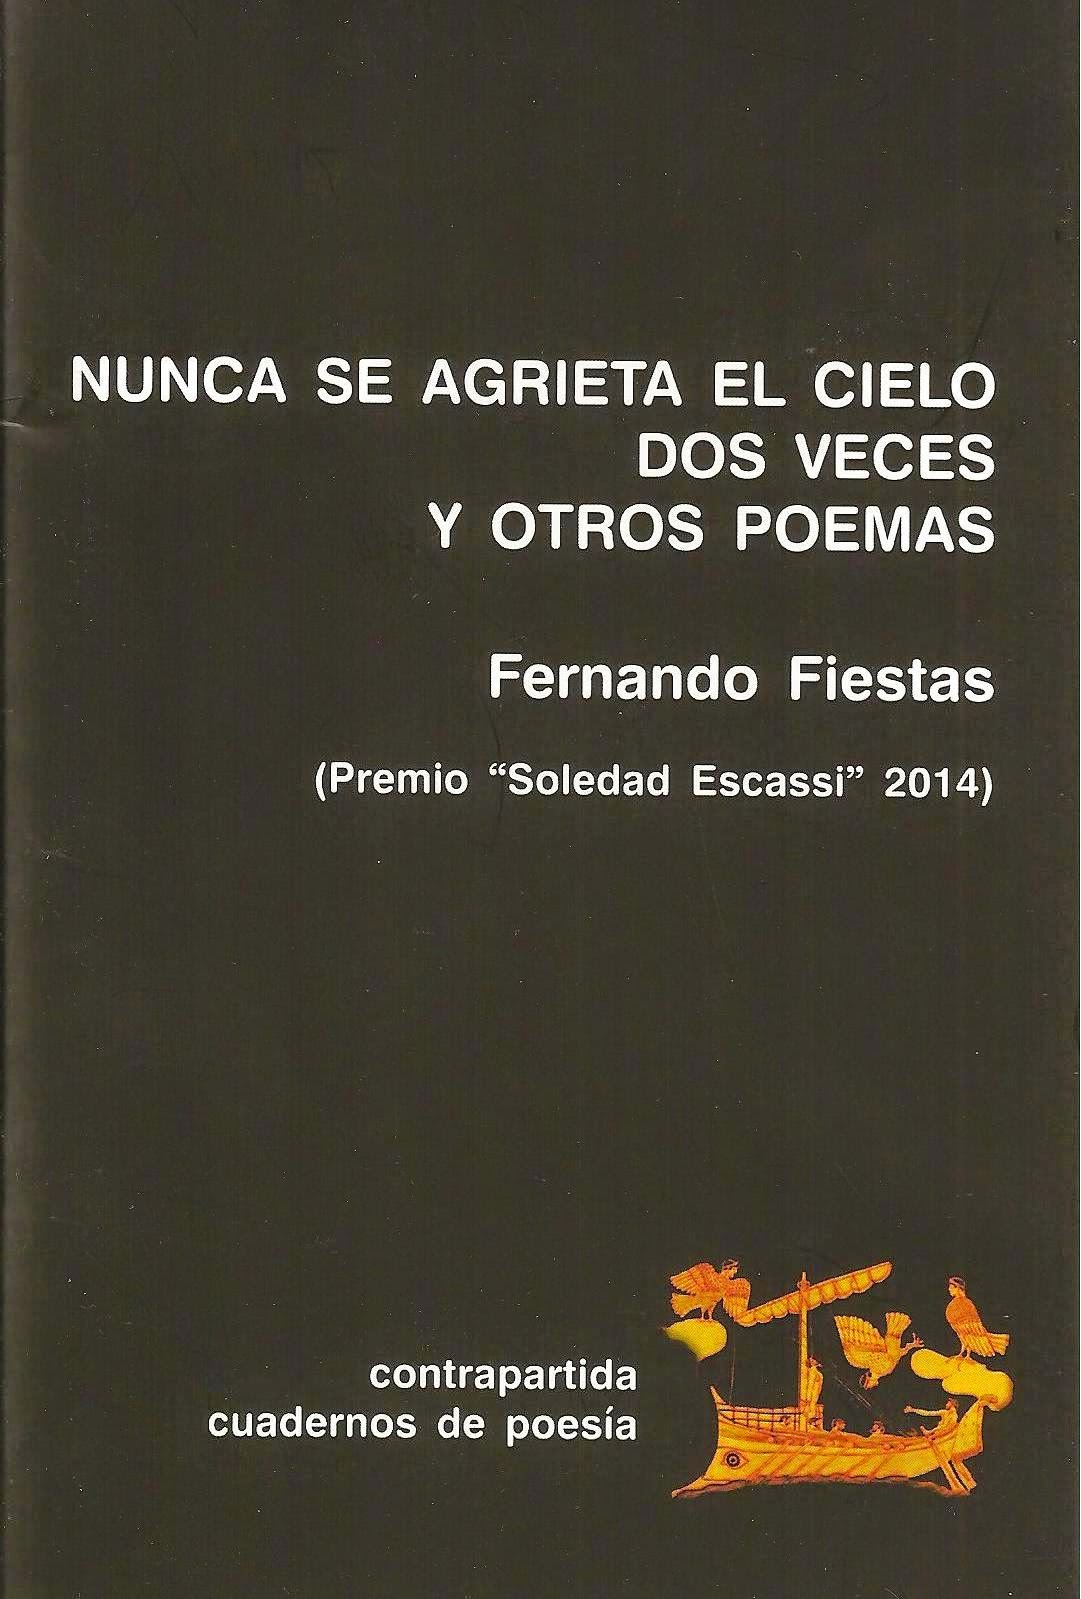 http://www.unionescritores.com/2014/12/nunca-se-agrieta-el-cielo-dos-veces-y.html